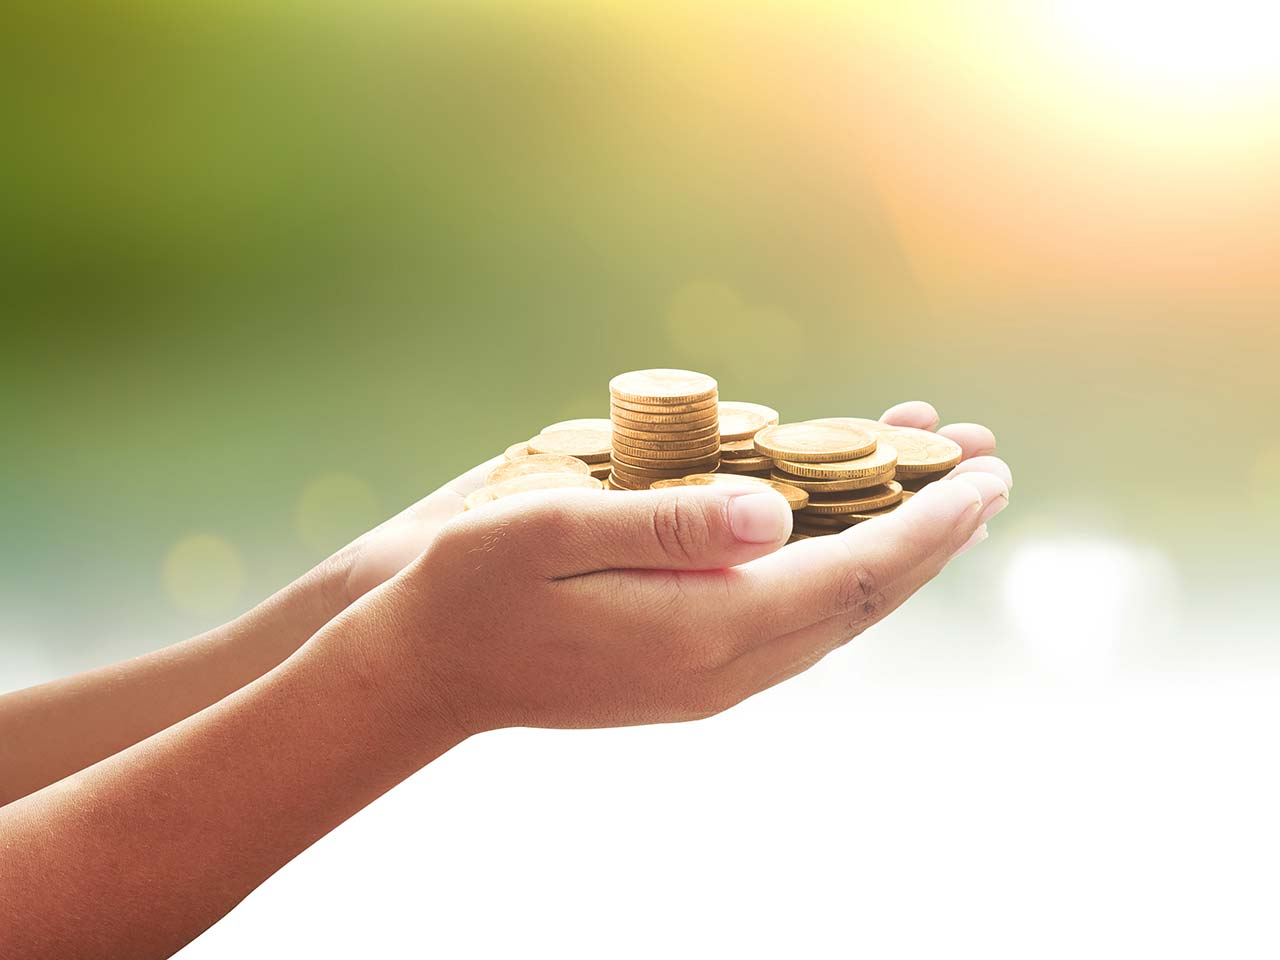 راههای تقویت هوش مالی,رسیدن به ثروت,موفقیت در زندگی فردی